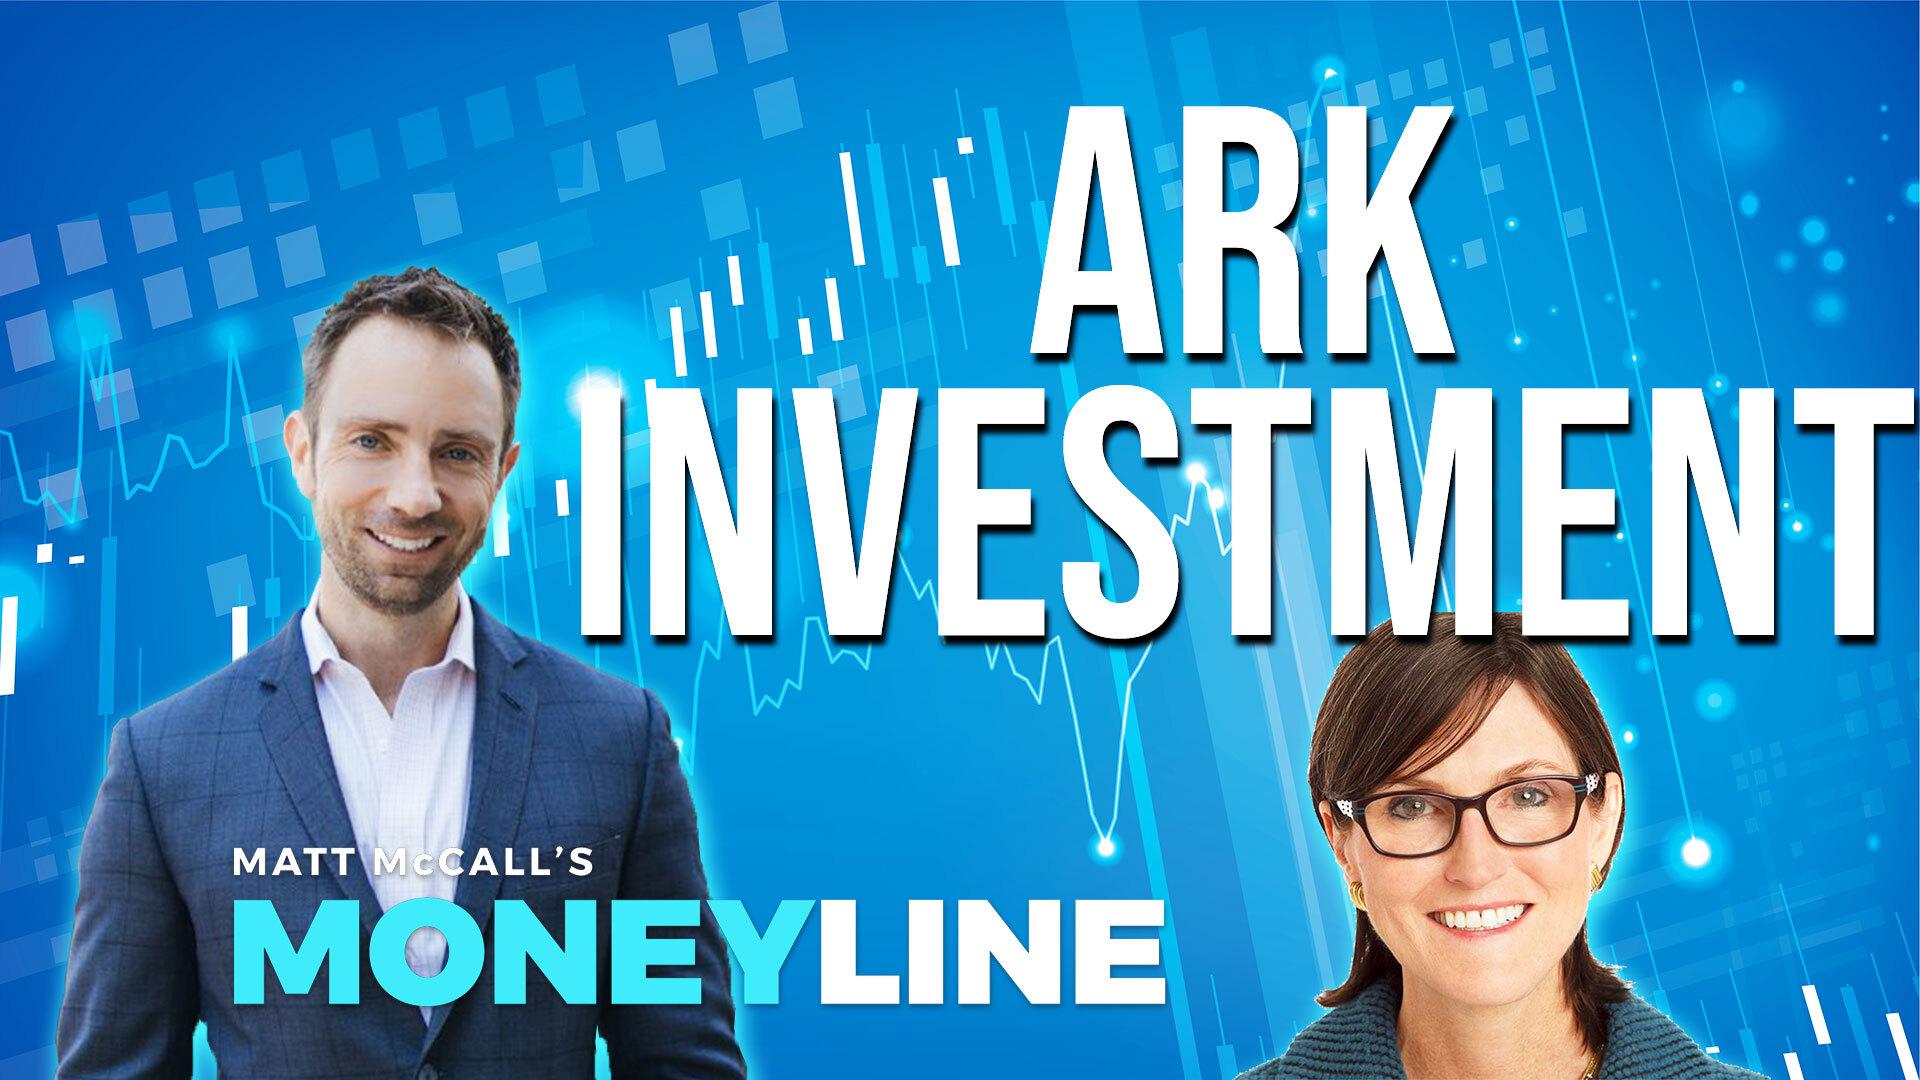 Matt McCall's Moneyline: Ark Investment